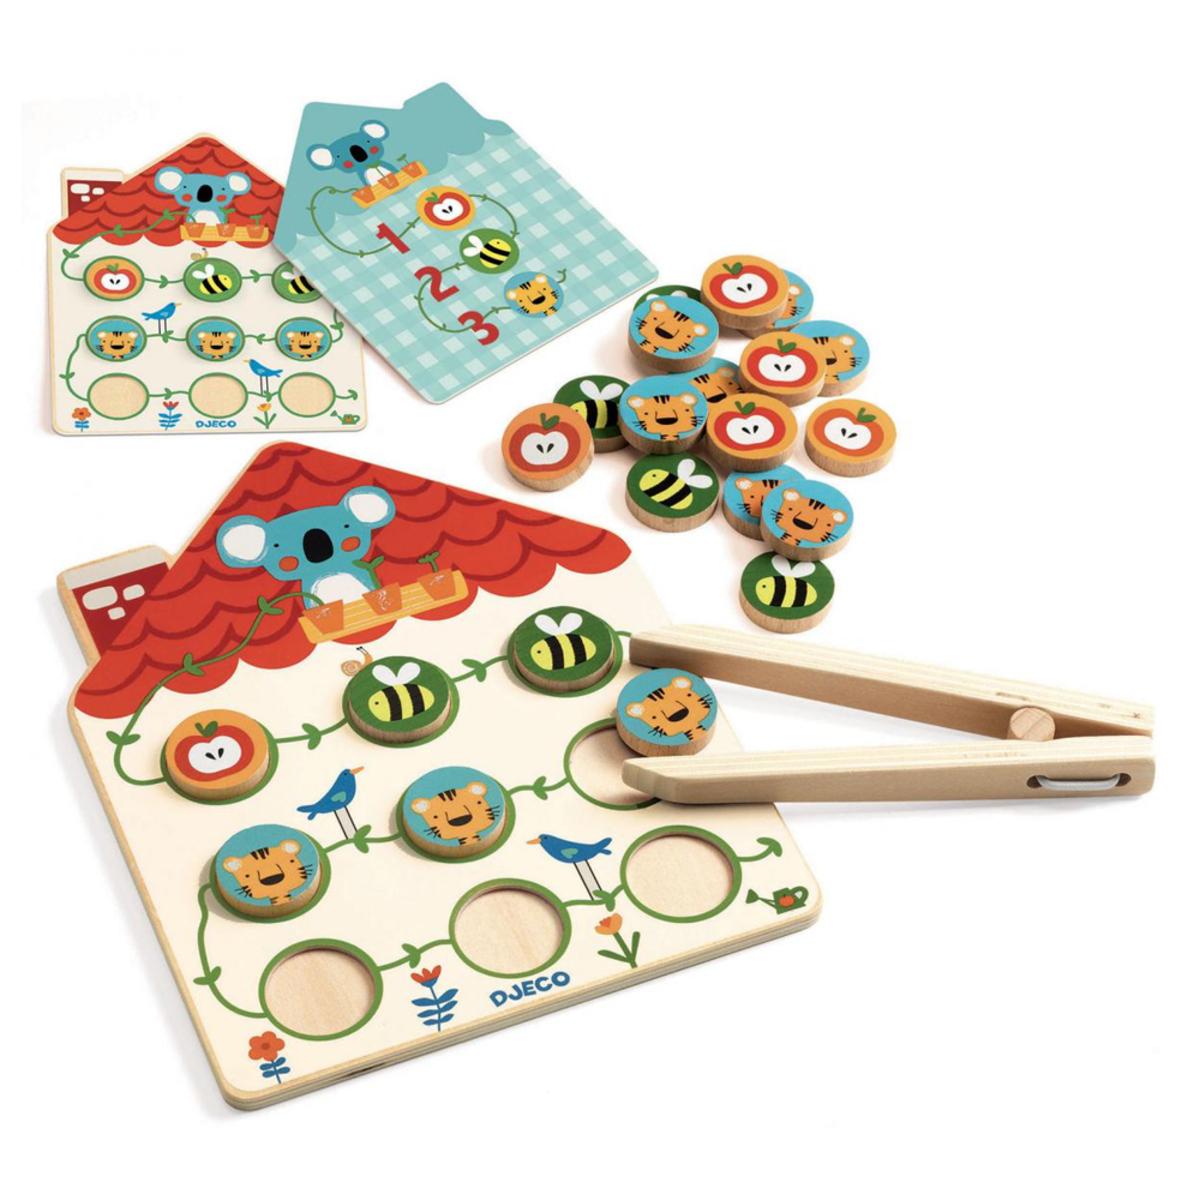 Mes premiers jouets Pinstou Pinstou